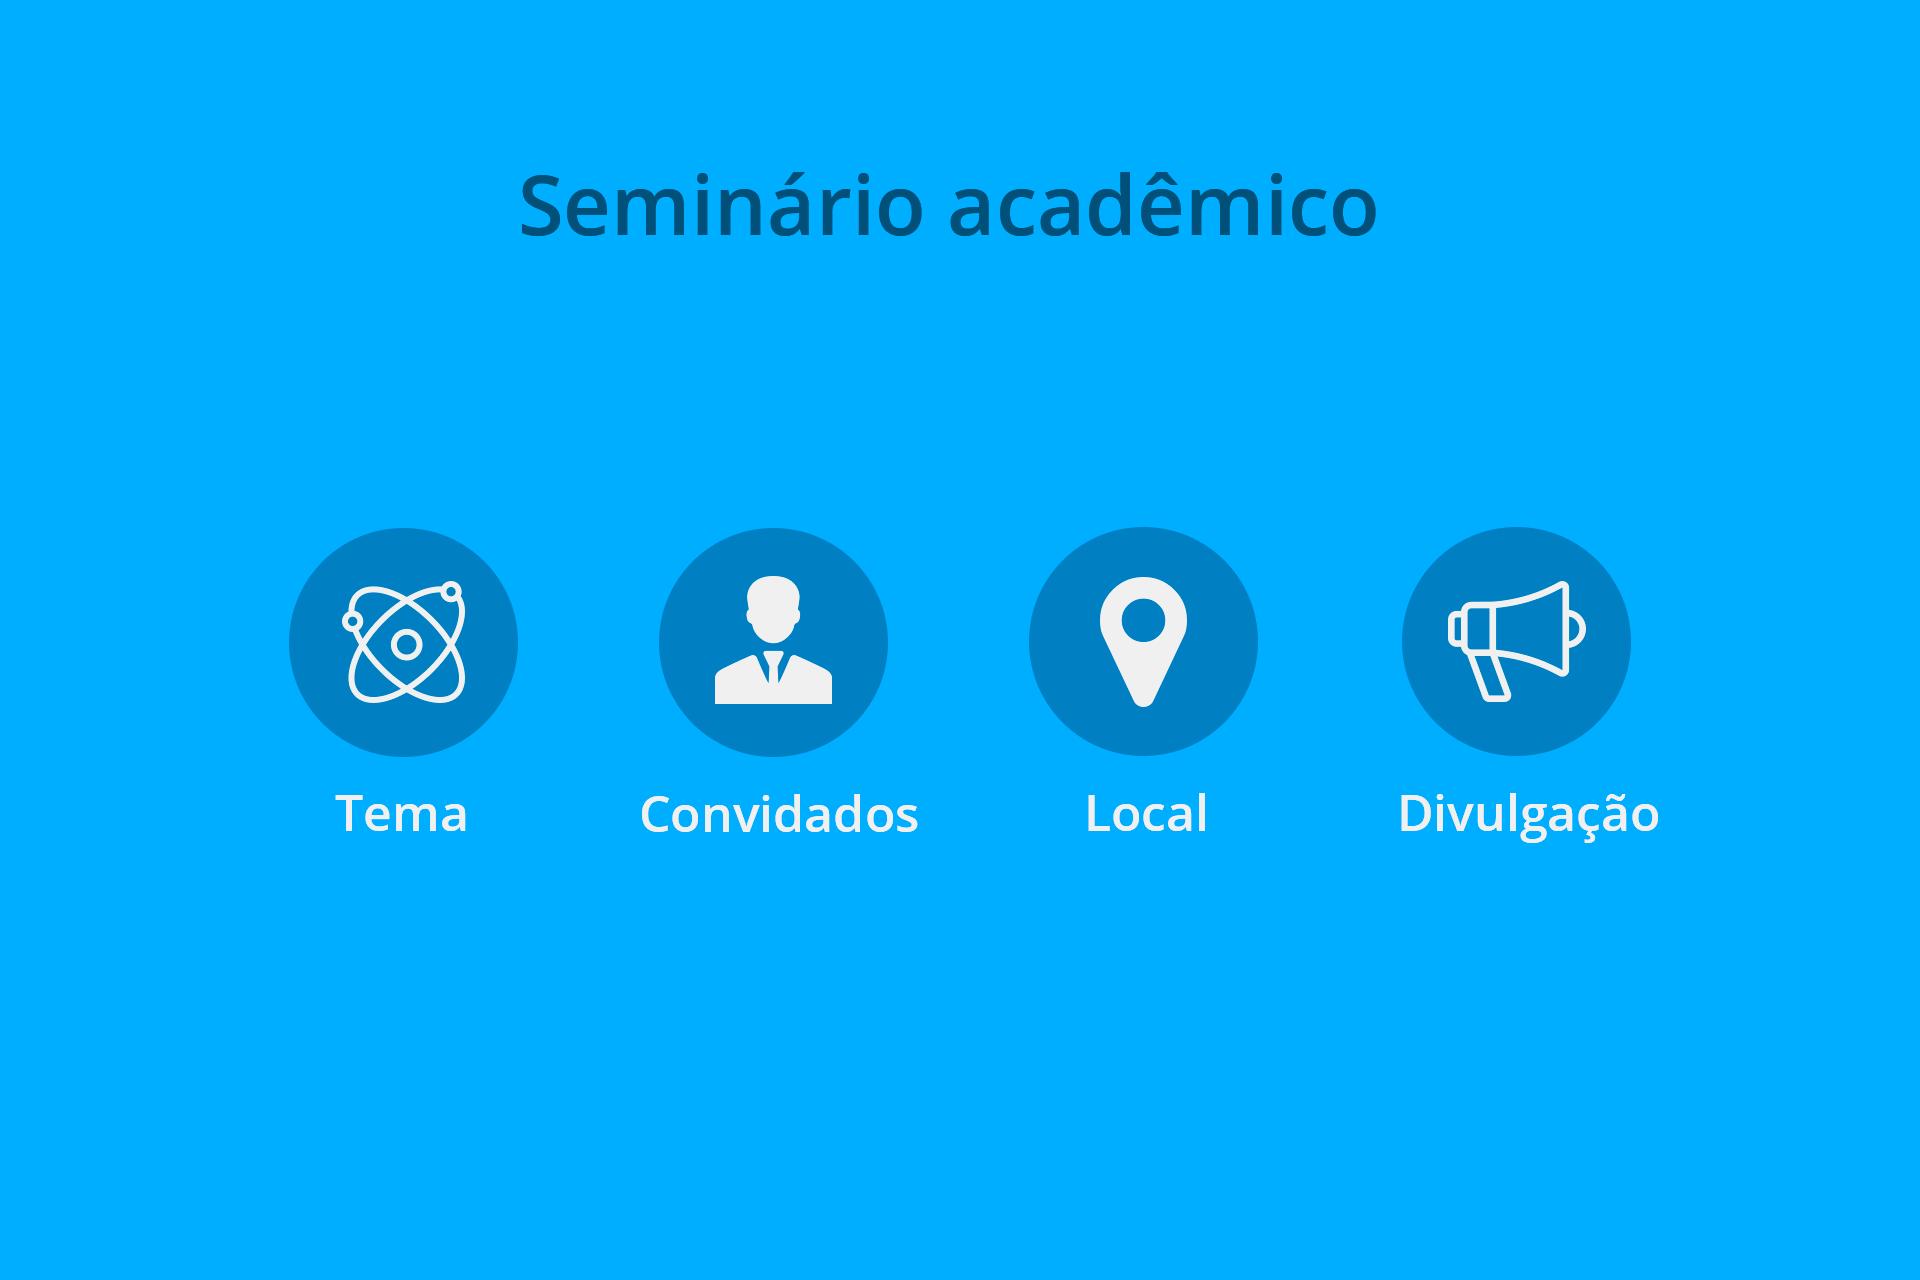 Seminário Acadêmico